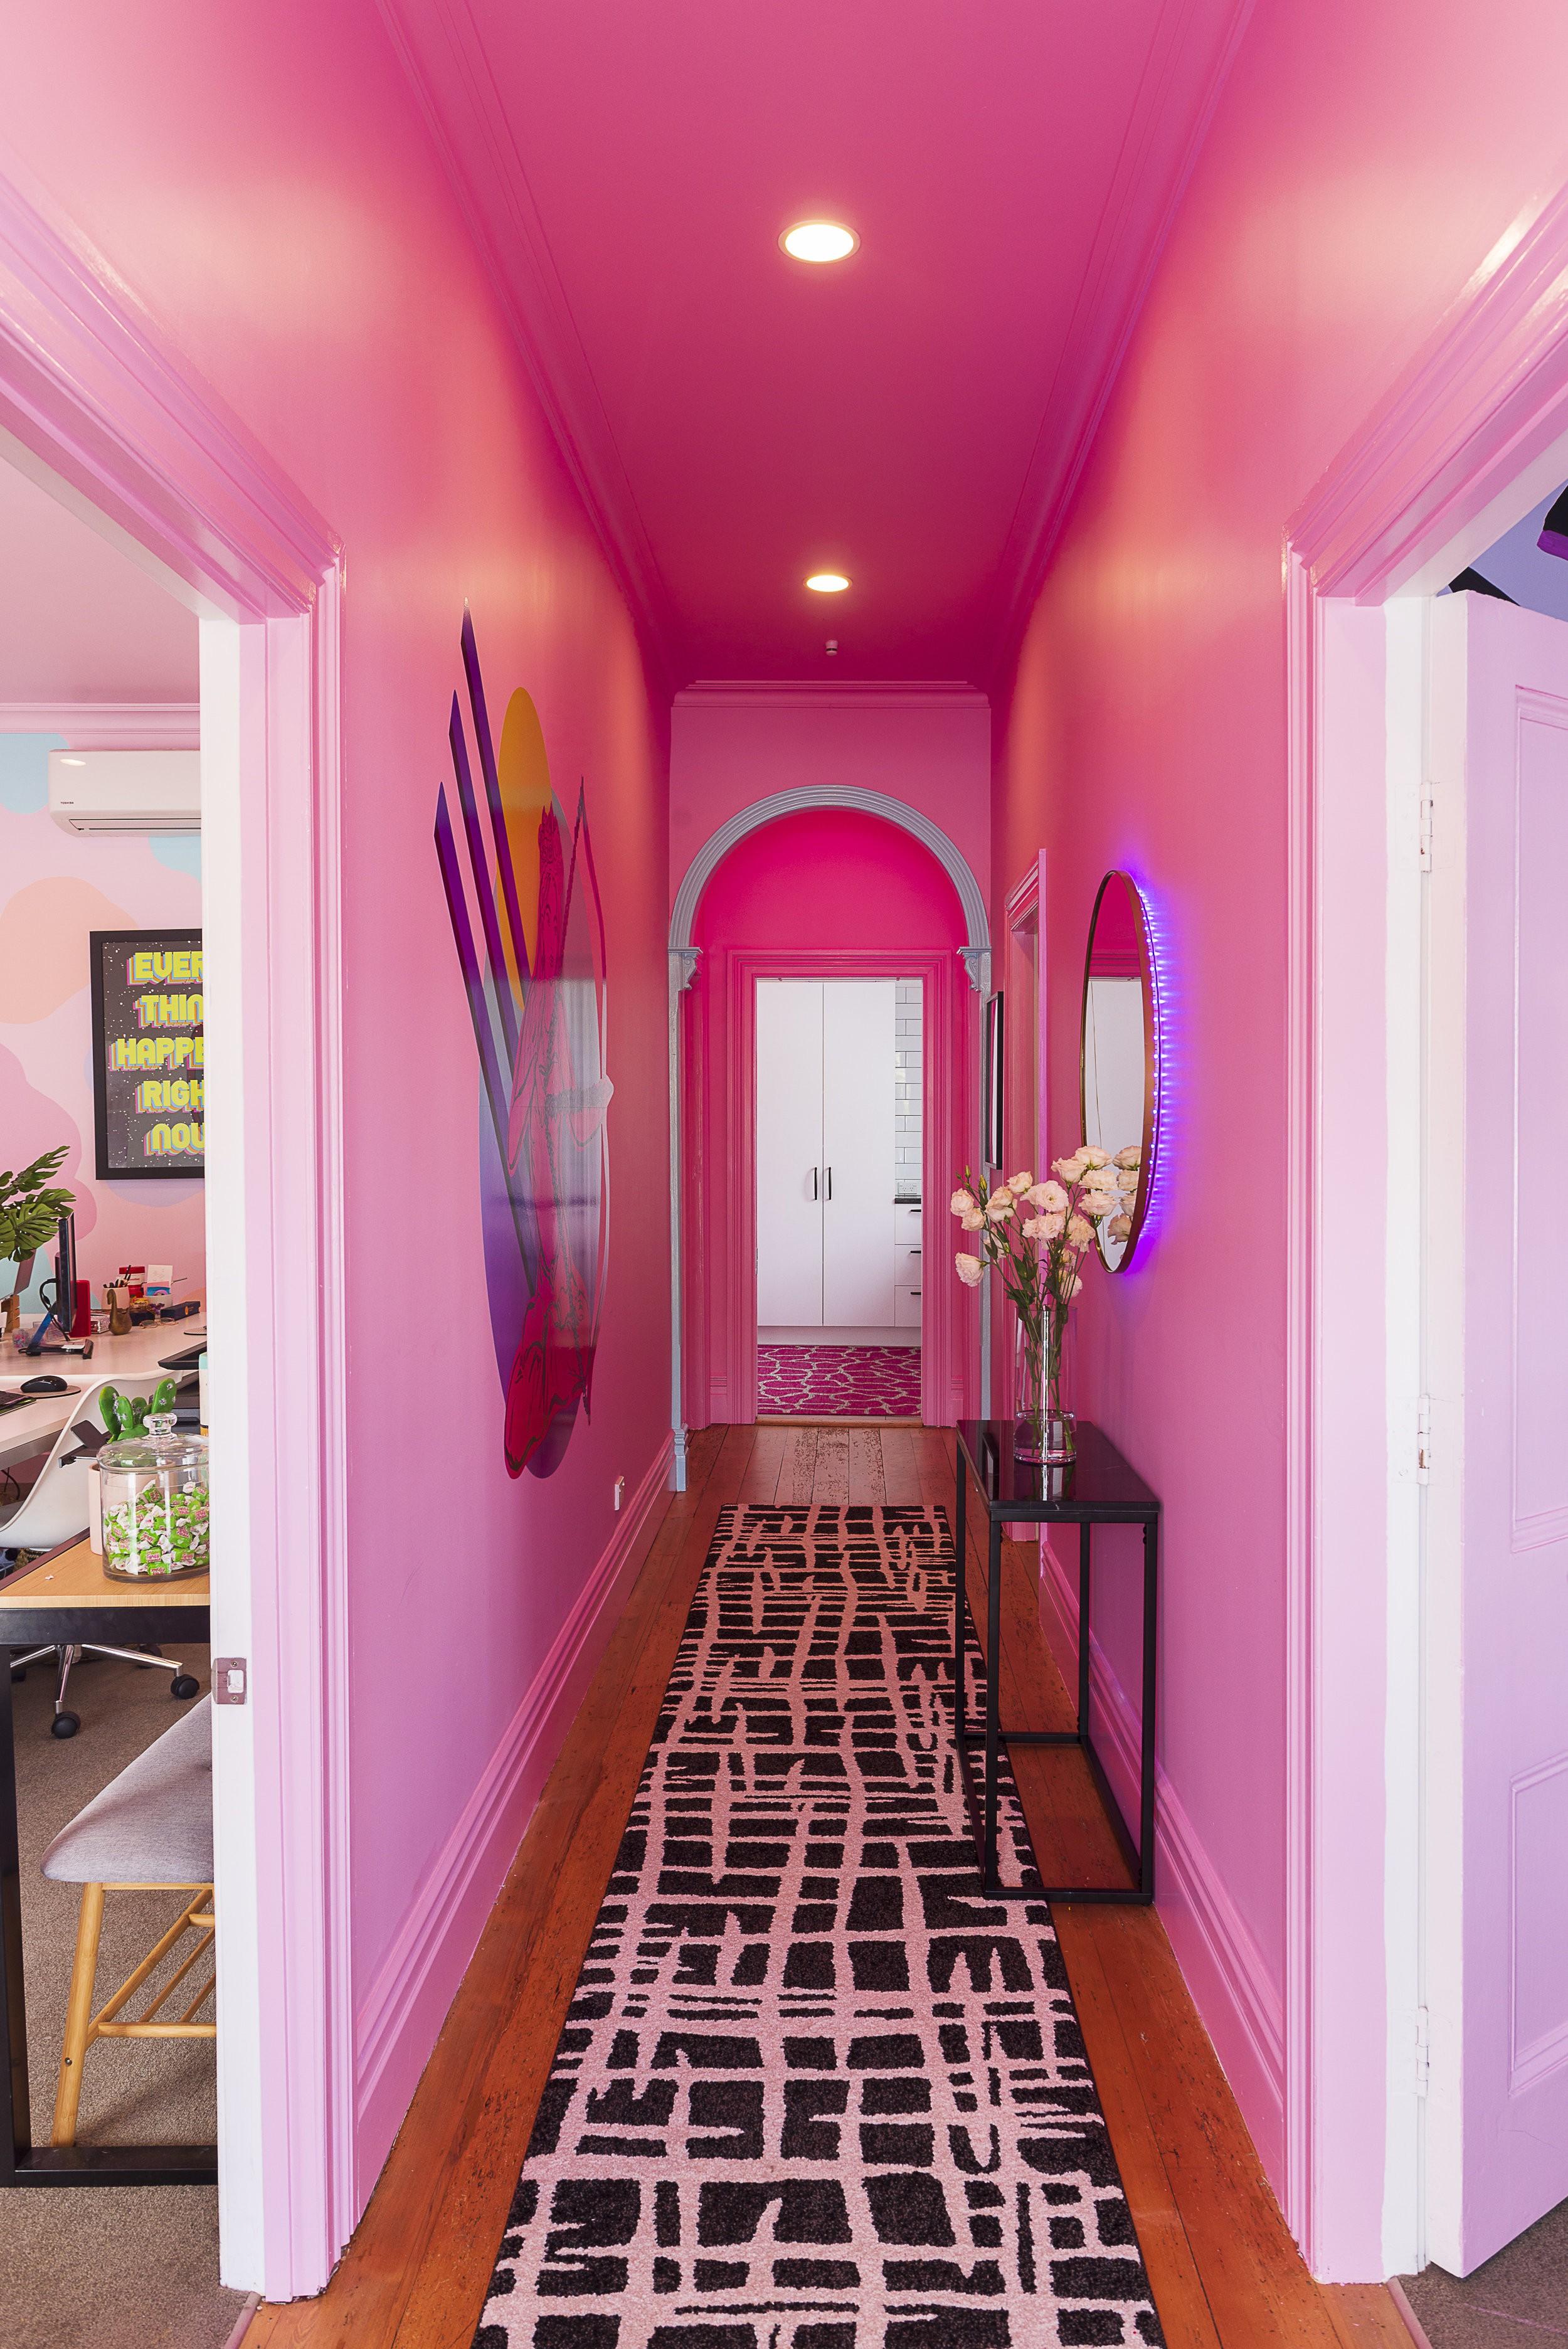 بالصور ديكور مدخل المنزل باللون الوردي- مدخل باللون الوردي